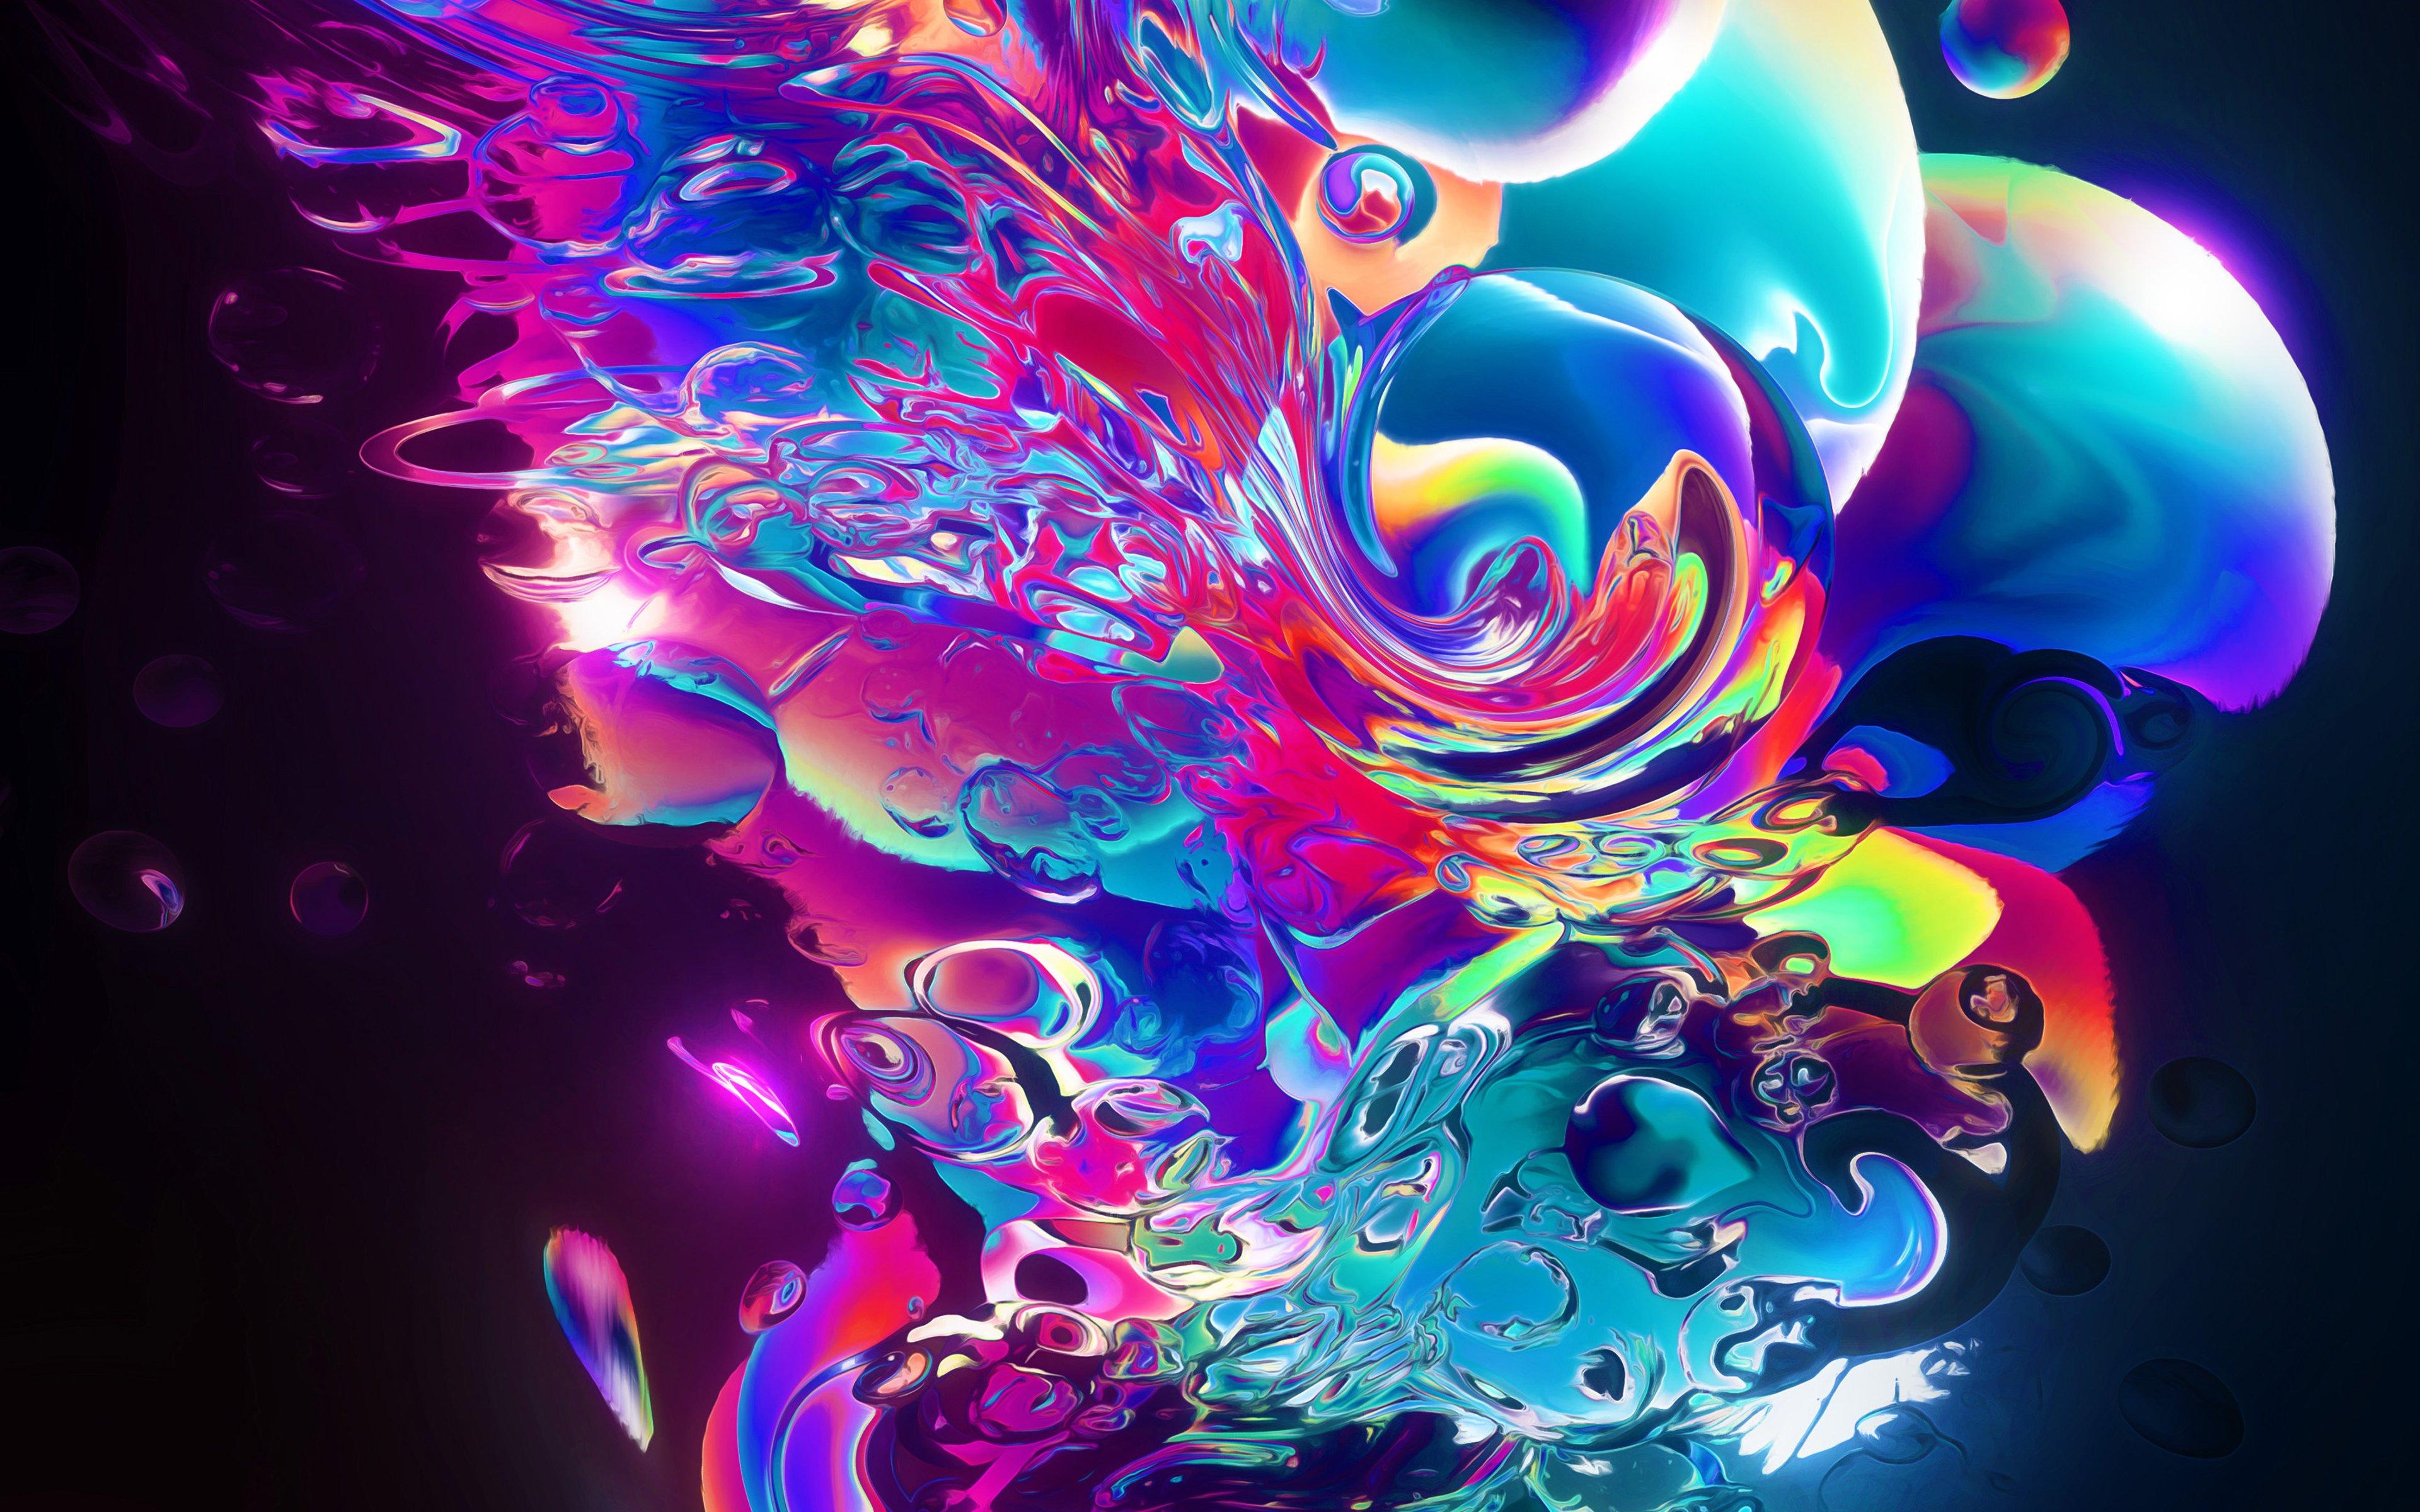 Fondos de pantalla Liquido de color abstracto